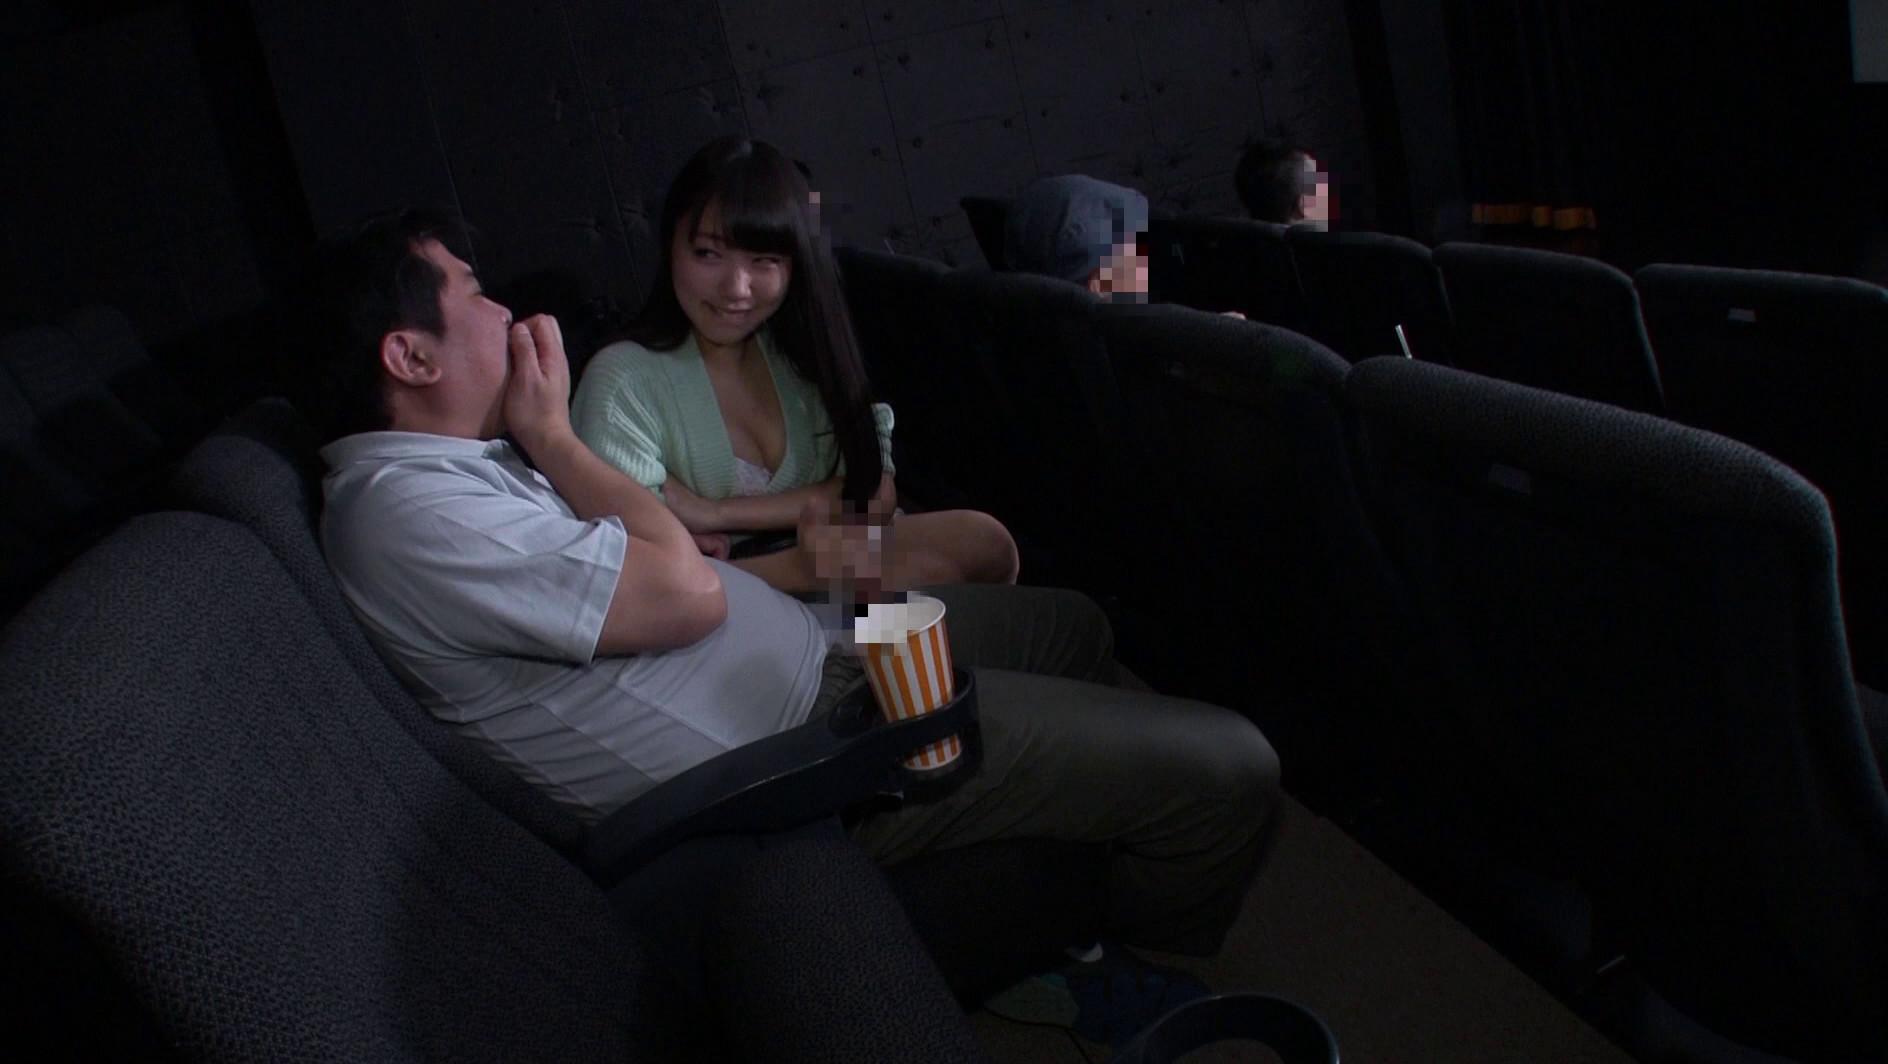 映画館のレイトショーは人が少なくて落ち着く・・・はずなのですが、突然僕の隣にミニスカートのソソる美女が座ってきた!!映画よりもスカートから覗く生足が気になって仕方がない!無言の誘惑に勃起した僕に気付いた美女が、微笑みながら手を伸ばしてきて・・・まさか館内でこっそりヌイてくれた!!それどころかハメさせてくれた!? 画像3